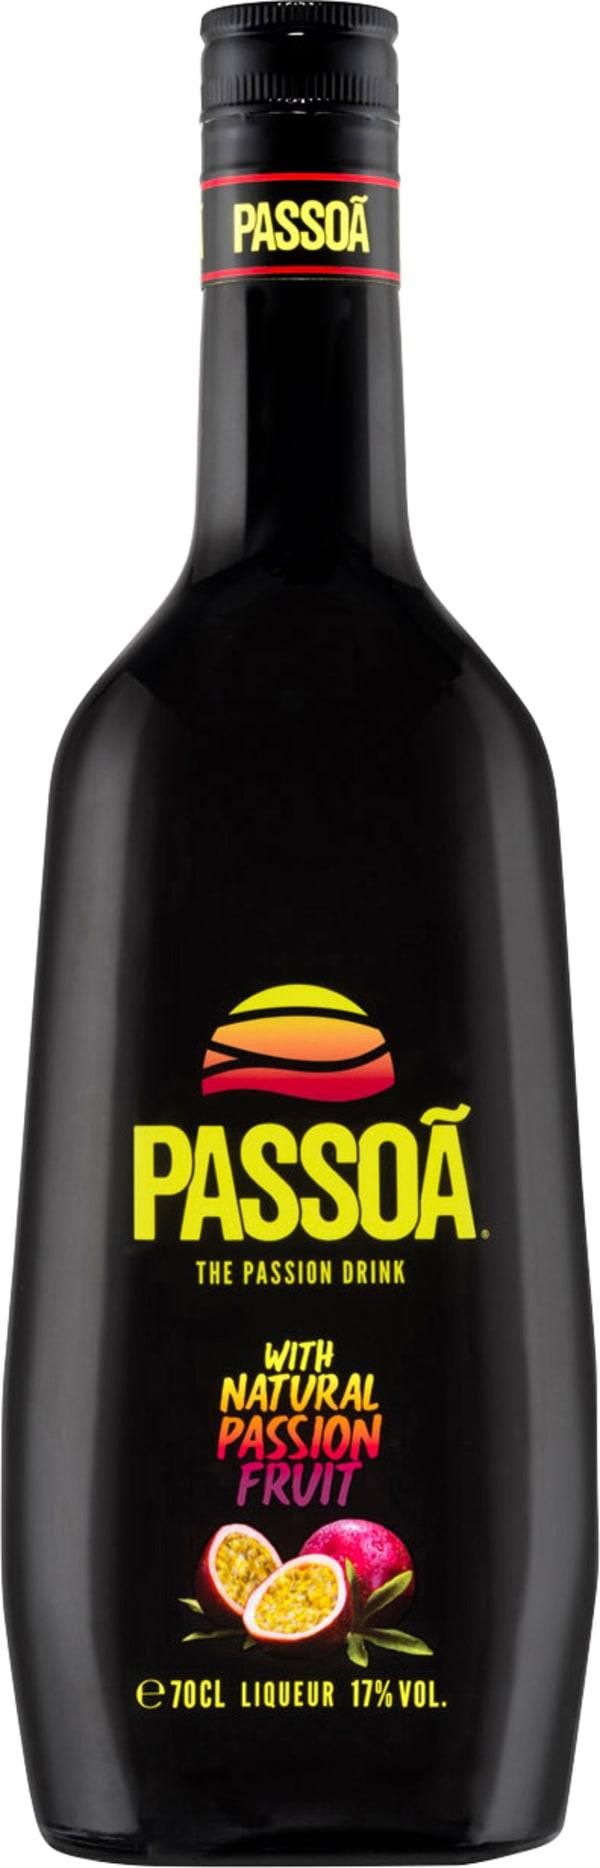 Passoã Passion Fruit